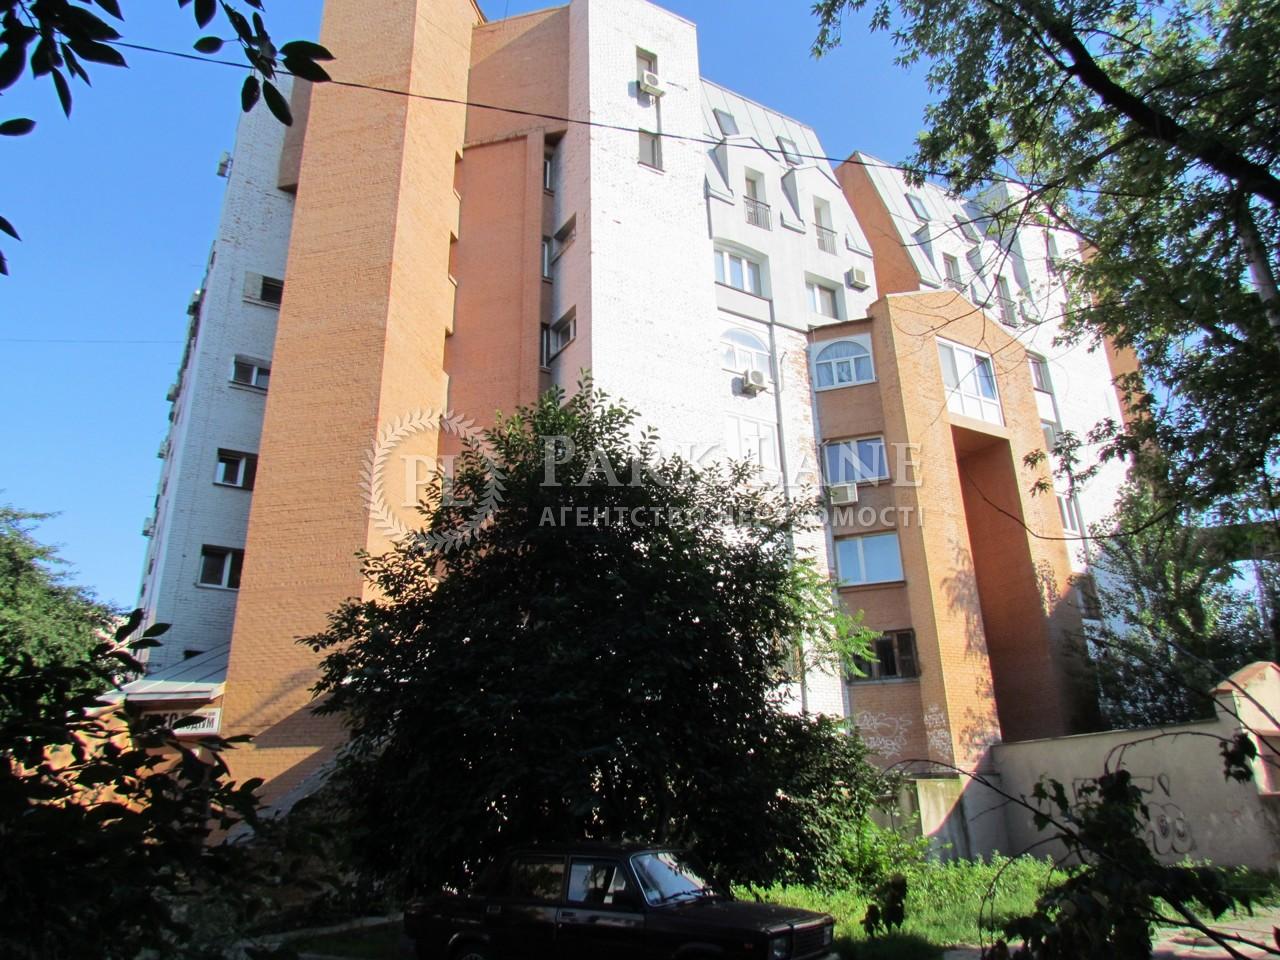 Квартира вул. Оленiвська, 10, Київ, R-8761 - Фото 2